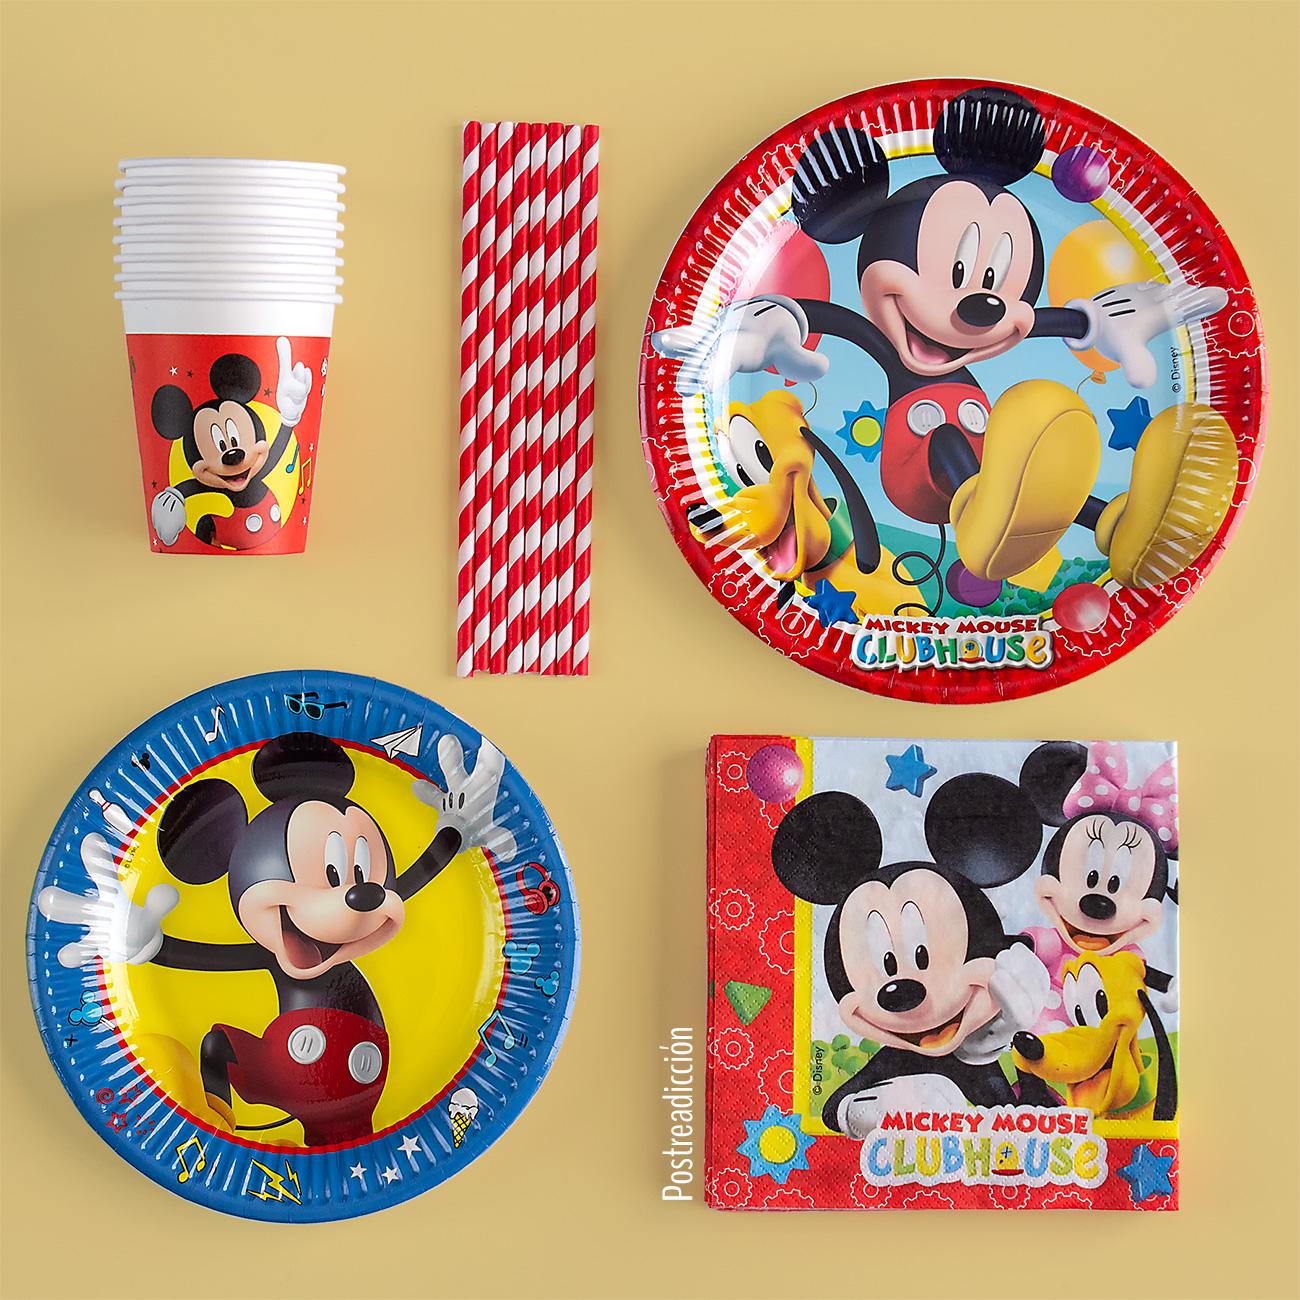 Imagen de producto: https://tienda.postreadiccion.com/img/articulos/secundarias13137-20-servilletas-de-mickey-mouse-1.jpg